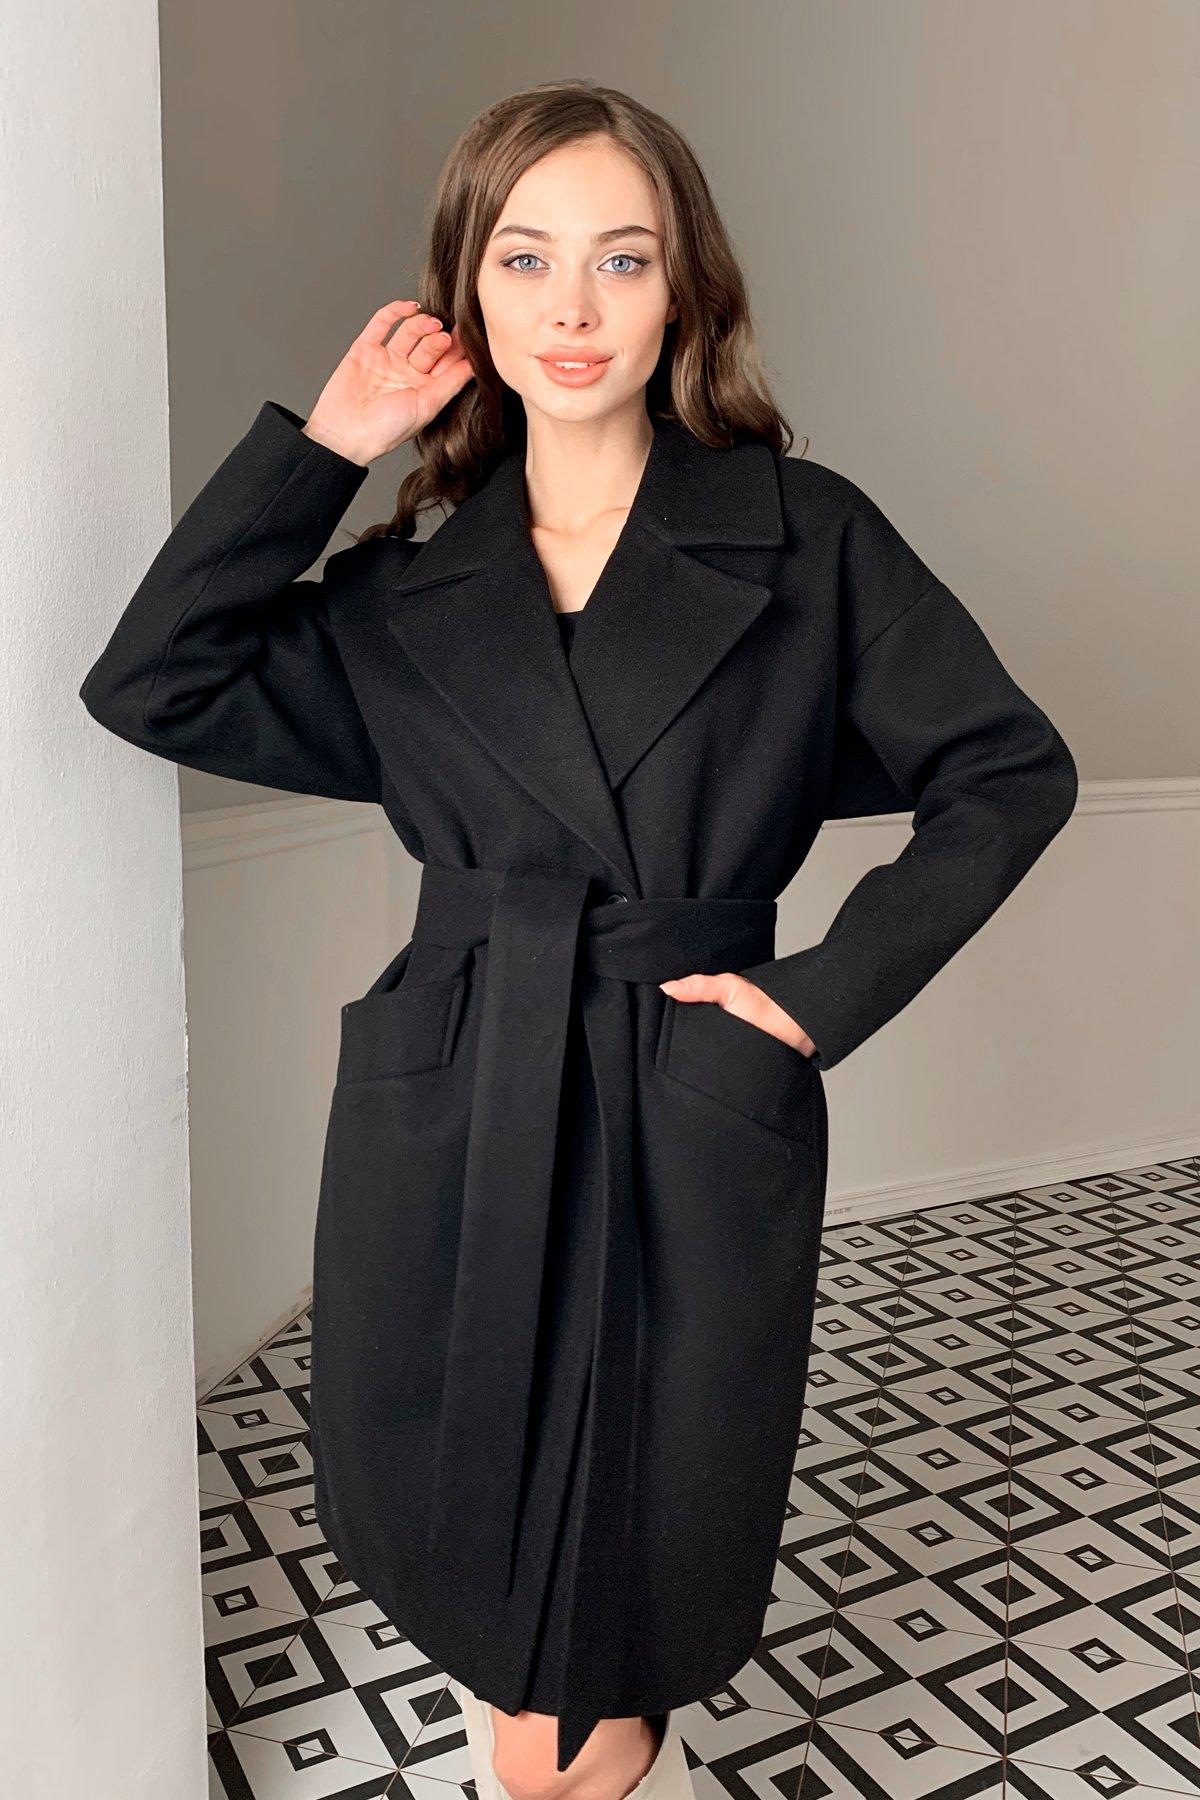 Пальто Сенсей 9767 АРТ. 46070 Цвет: Черный - фото 4, интернет магазин tm-modus.ru